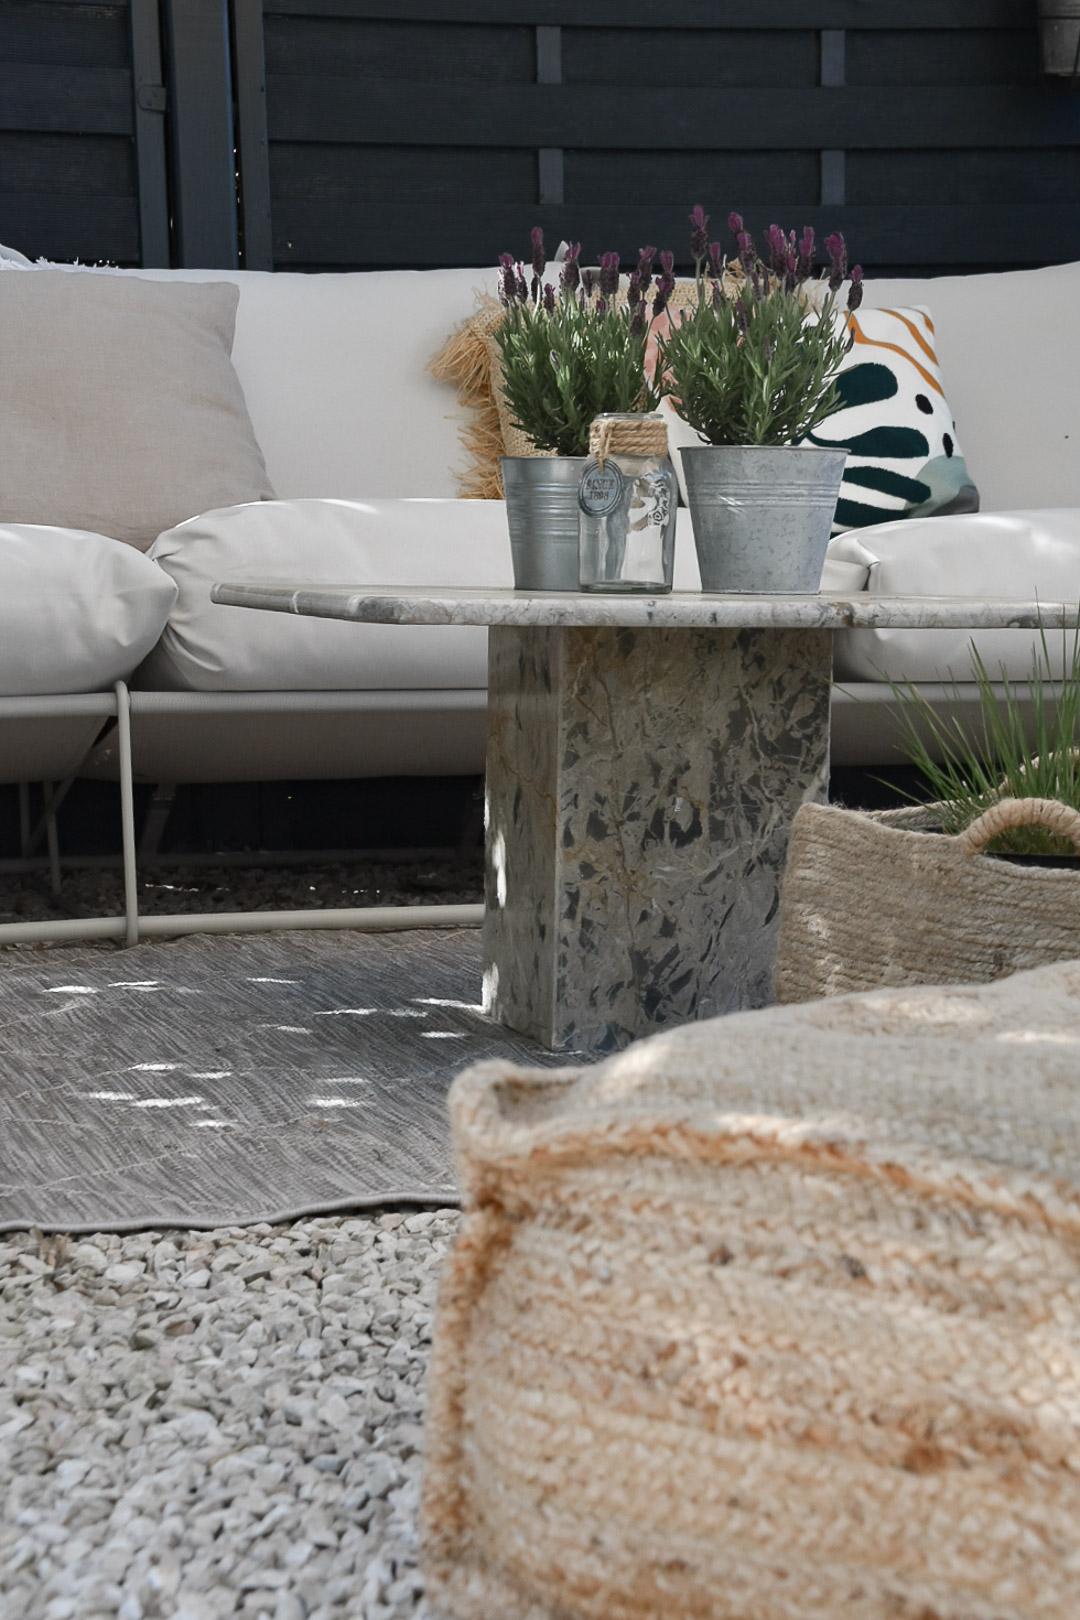 Outdoor-Wohnzimmer mit Deko und Pflanzen